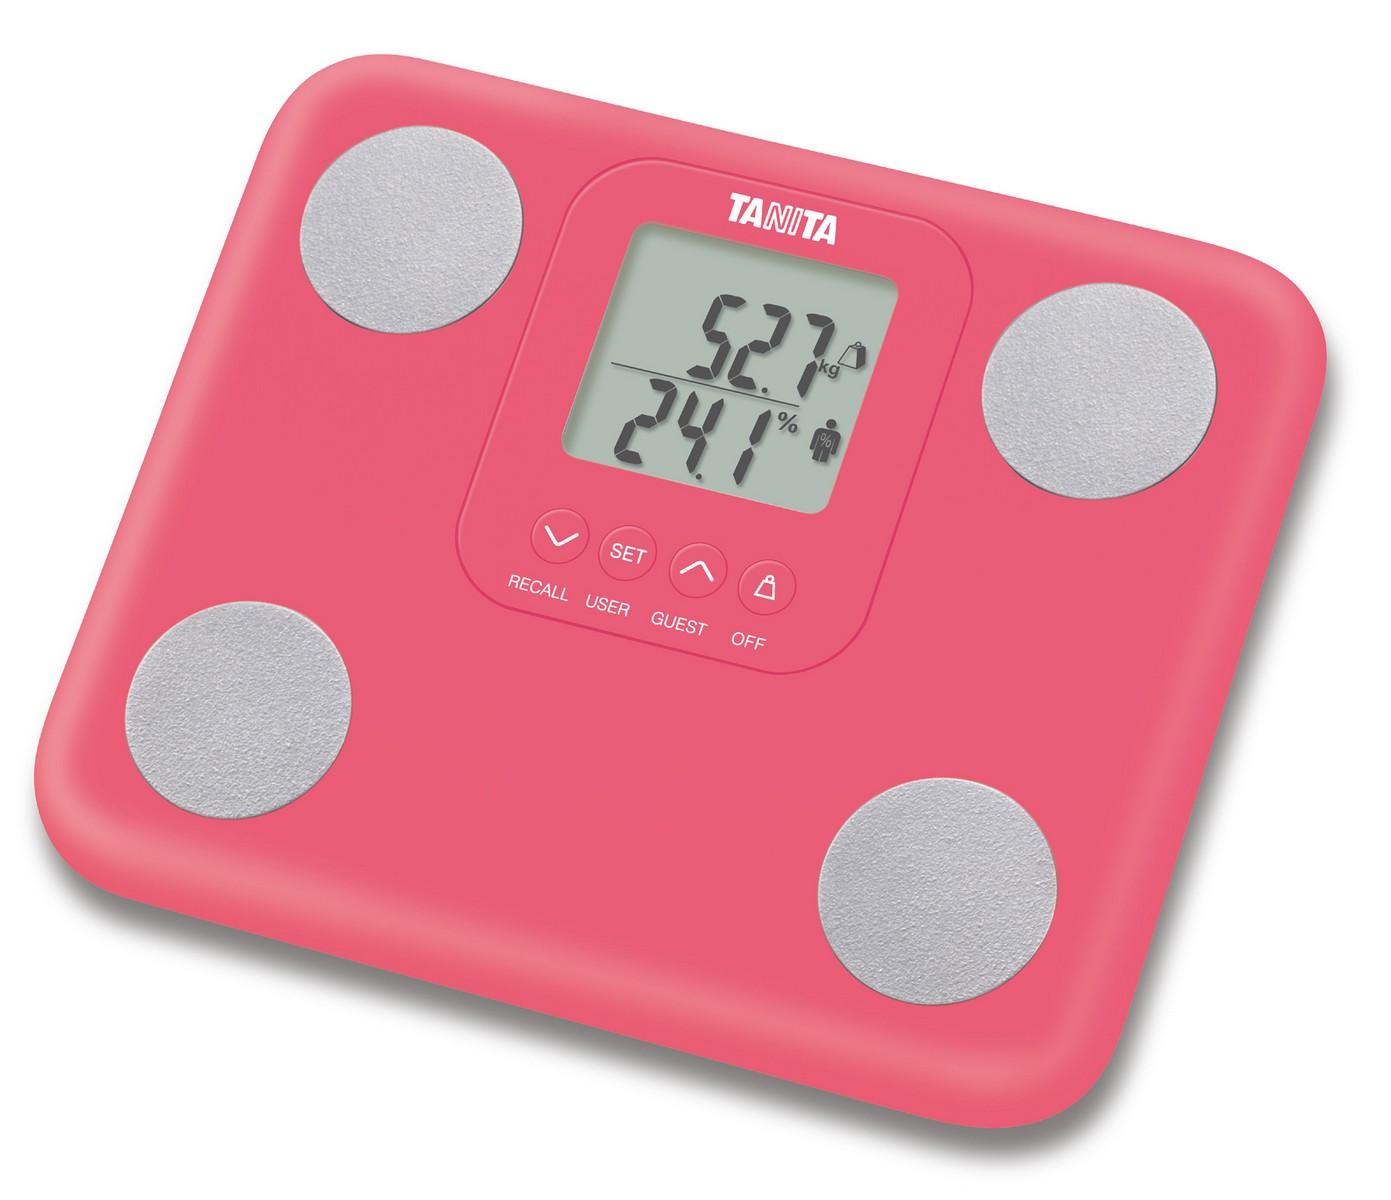 TANITA BC-730 49,95_ (1) [Sony PSP]